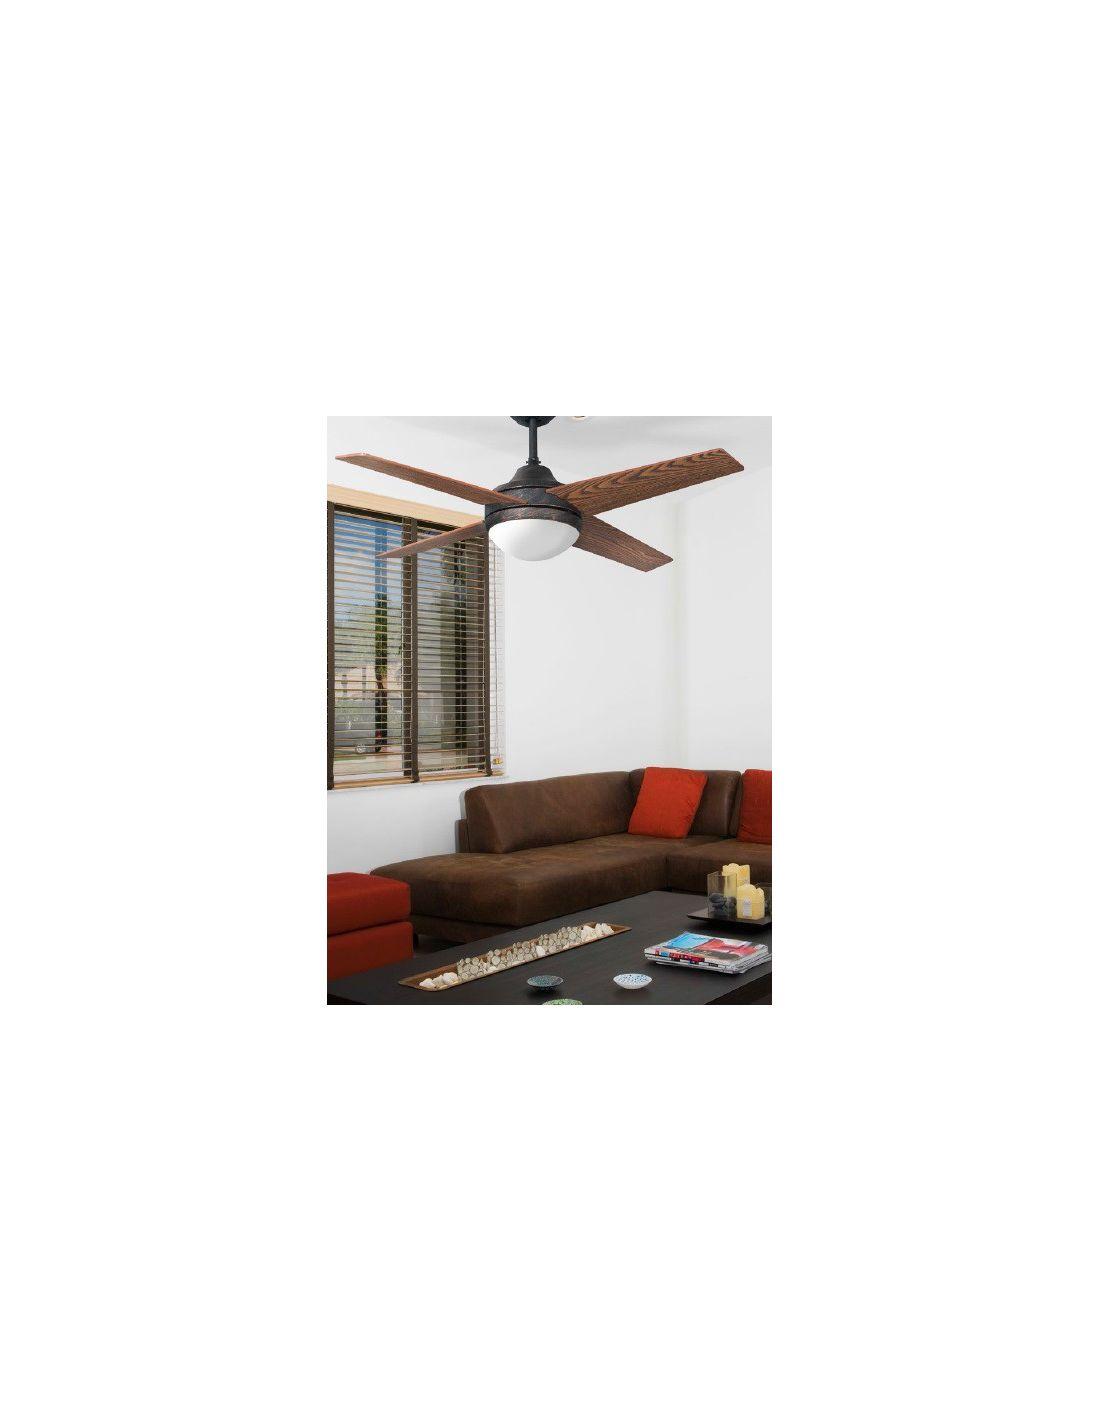 Ventilador de techo estilo r stico ofertas for Oferta ventilador techo